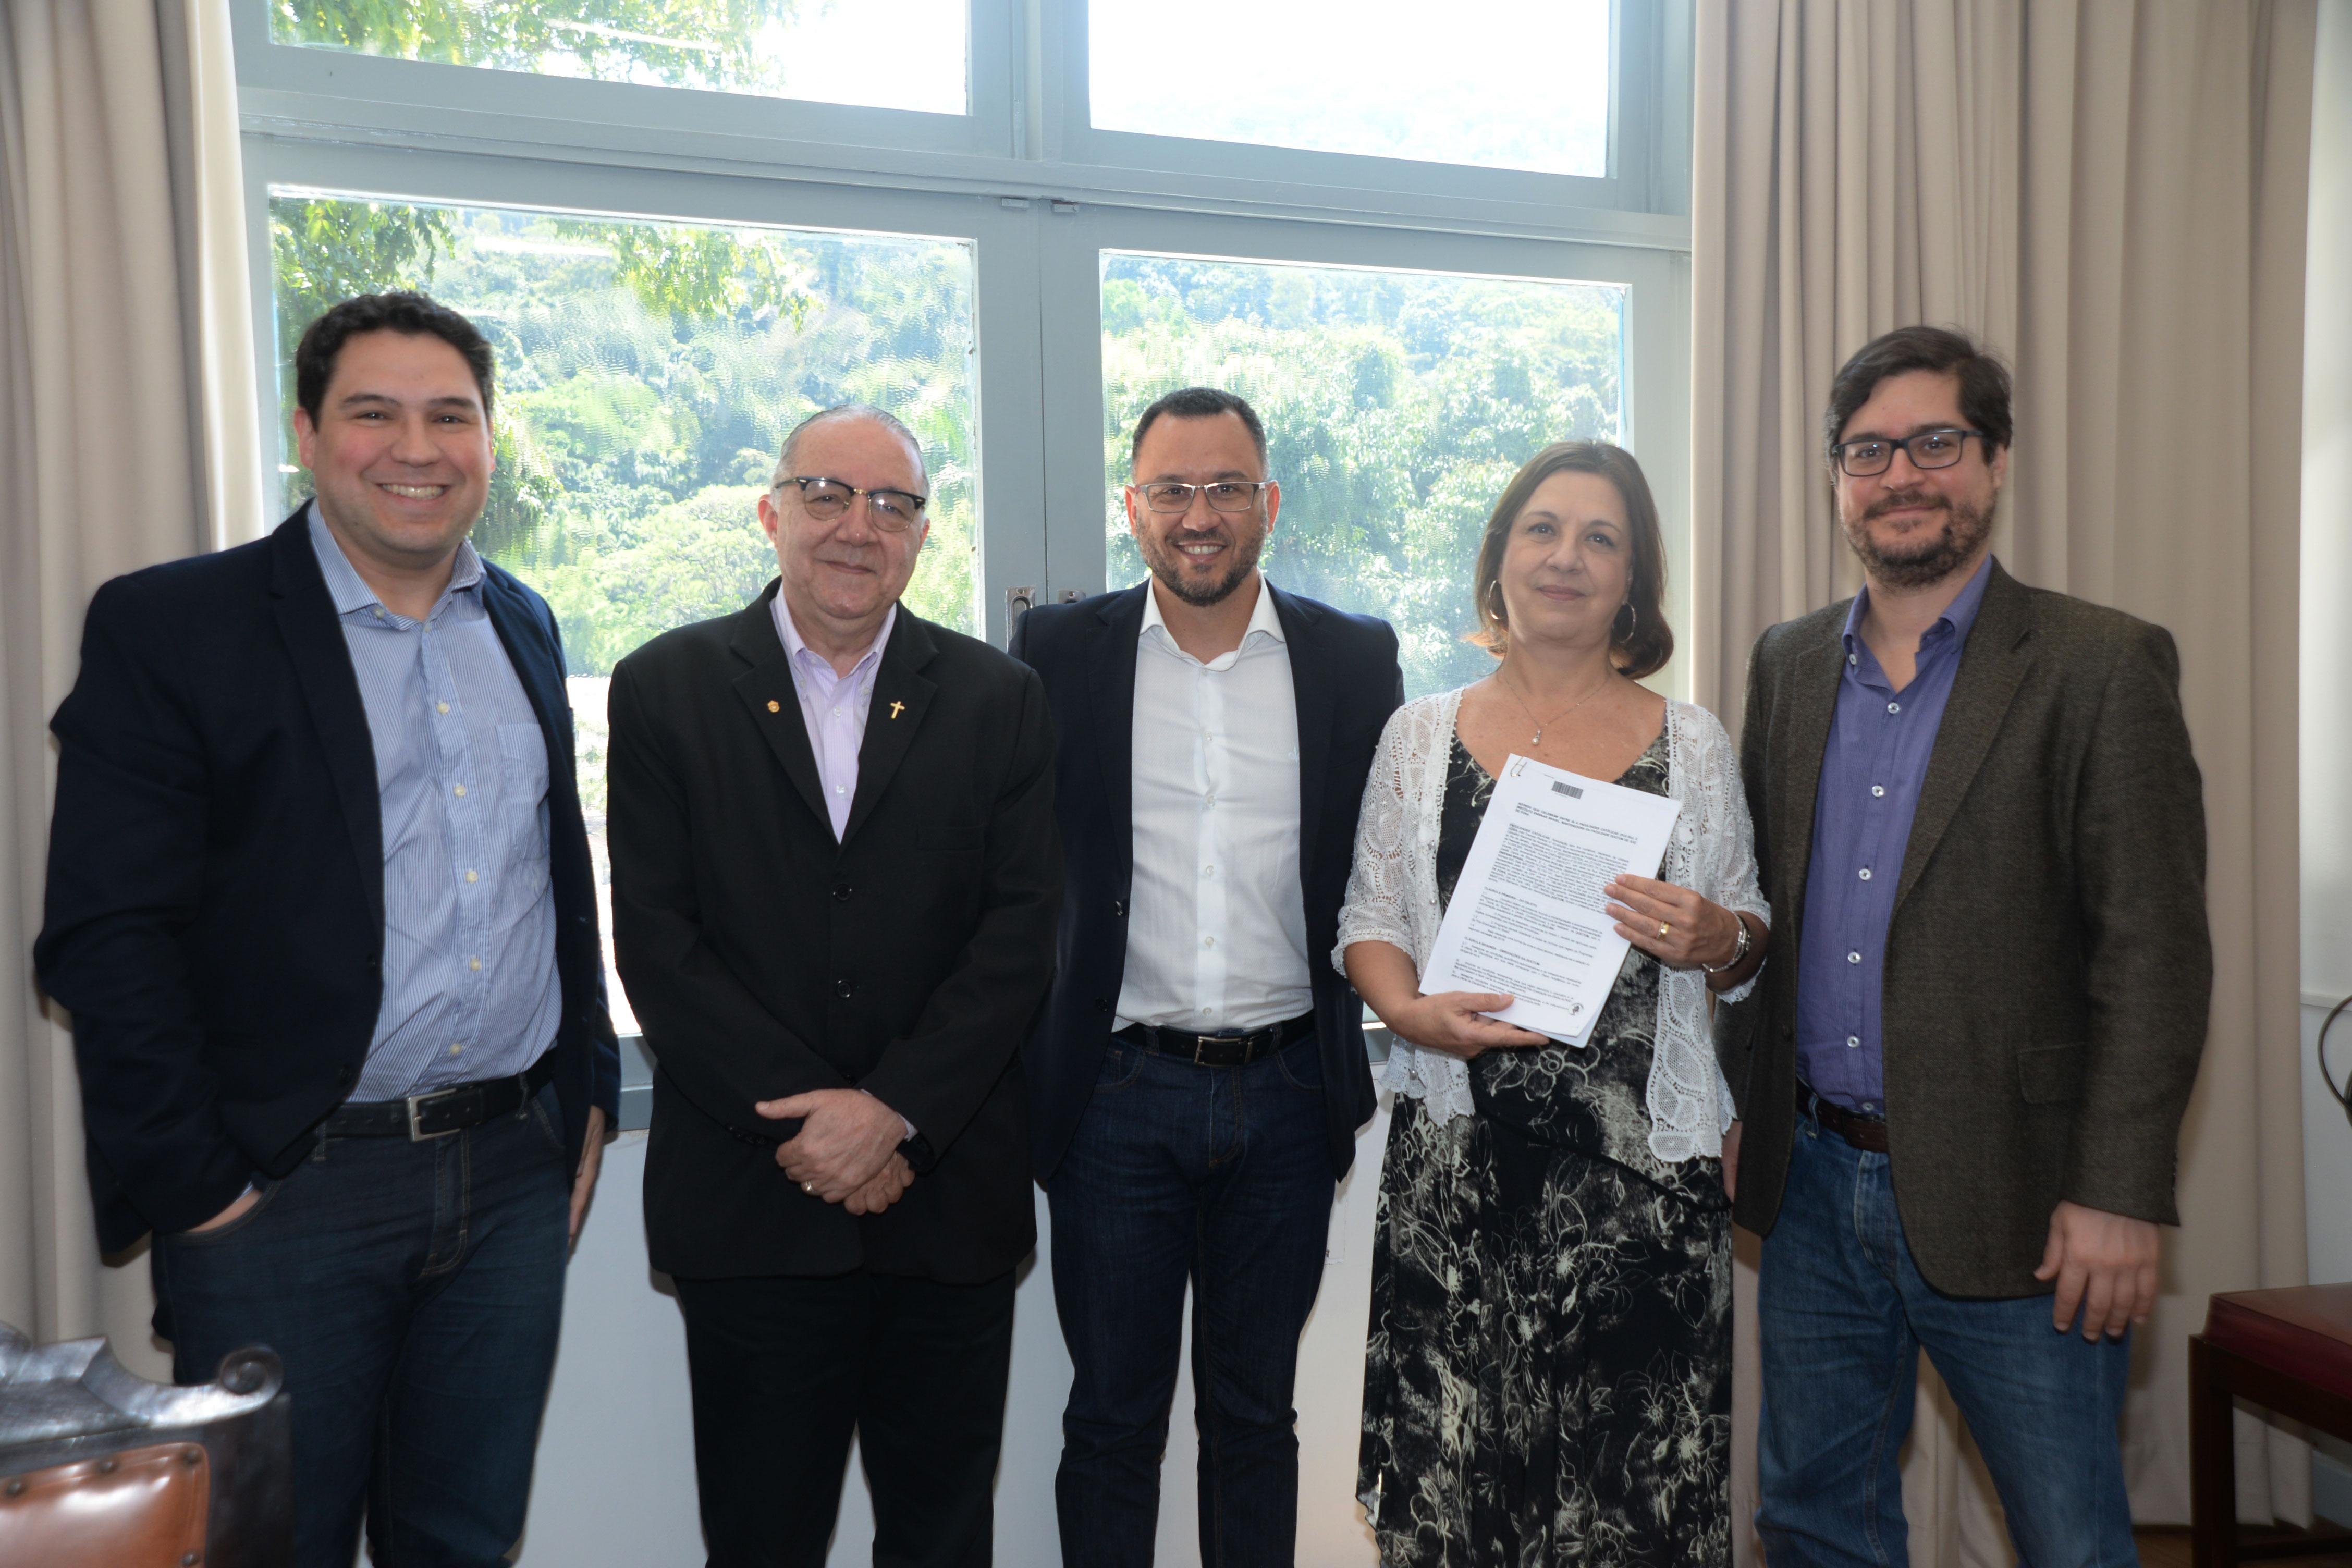 Rede de Ensino Doctum e PUC Rio firmam convênio de mestrado na área do Direito